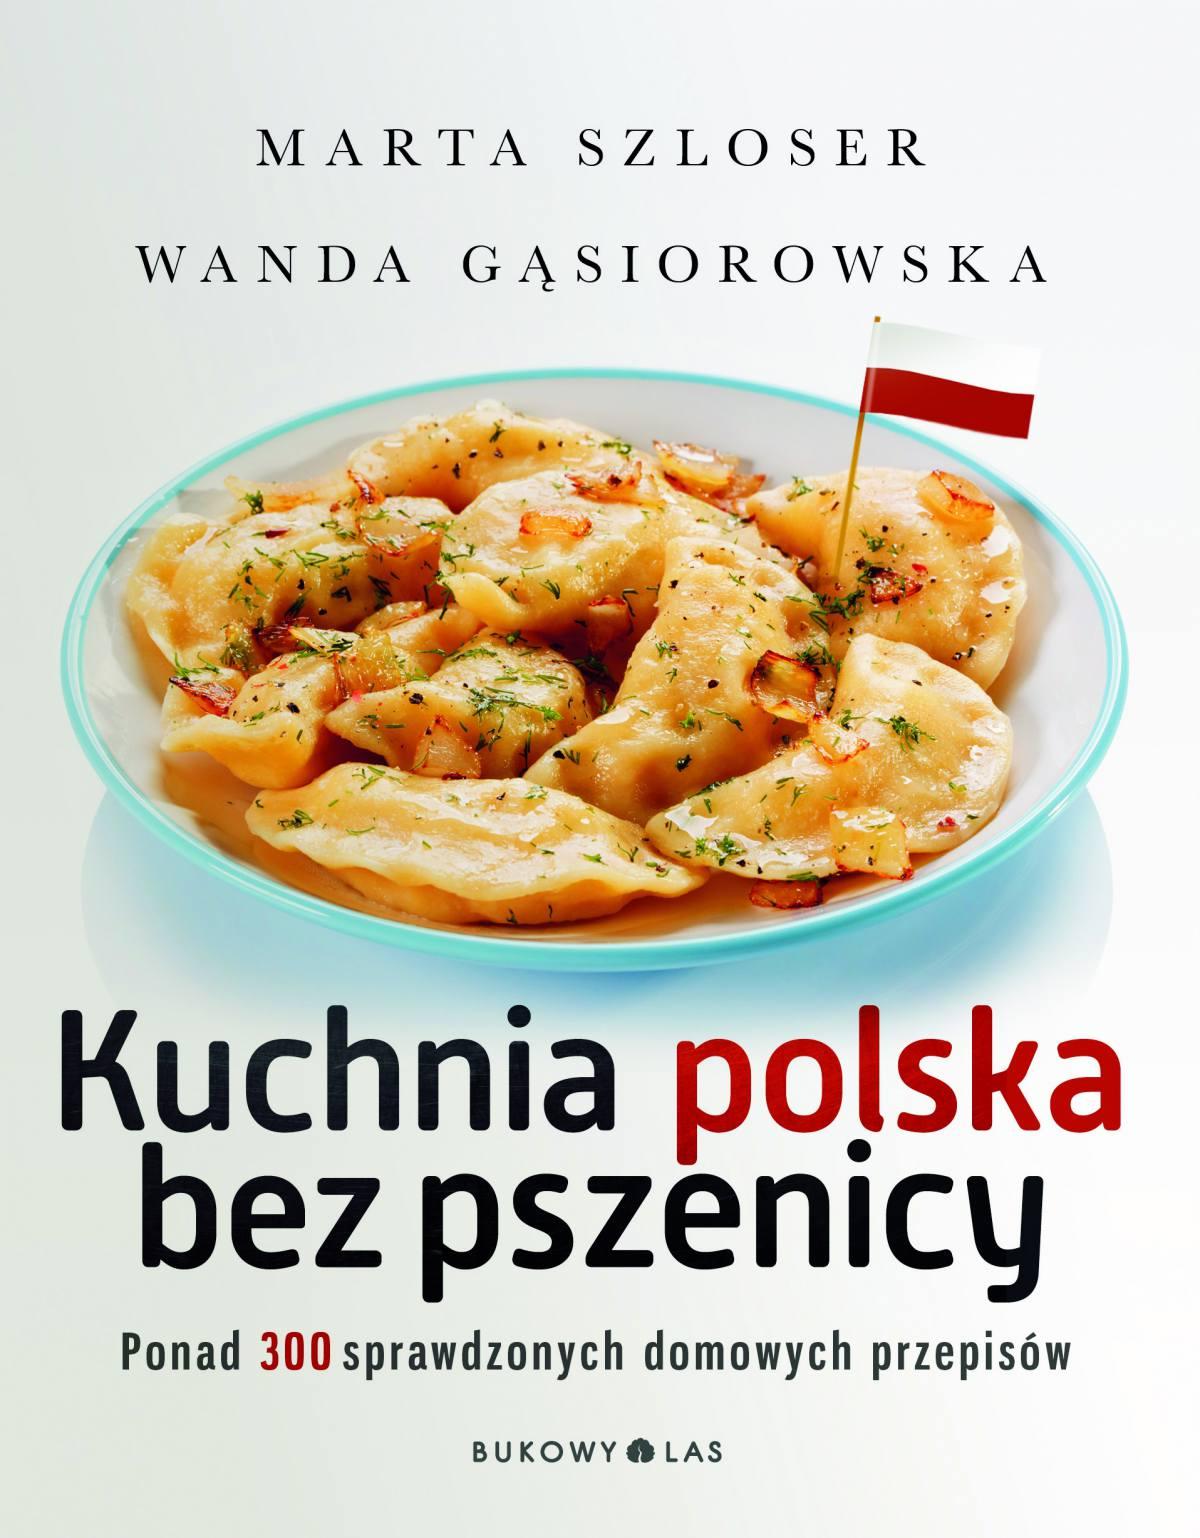 Kuchnia polska bez pszenicy - Ebook (Książka EPUB) do pobrania w formacie EPUB